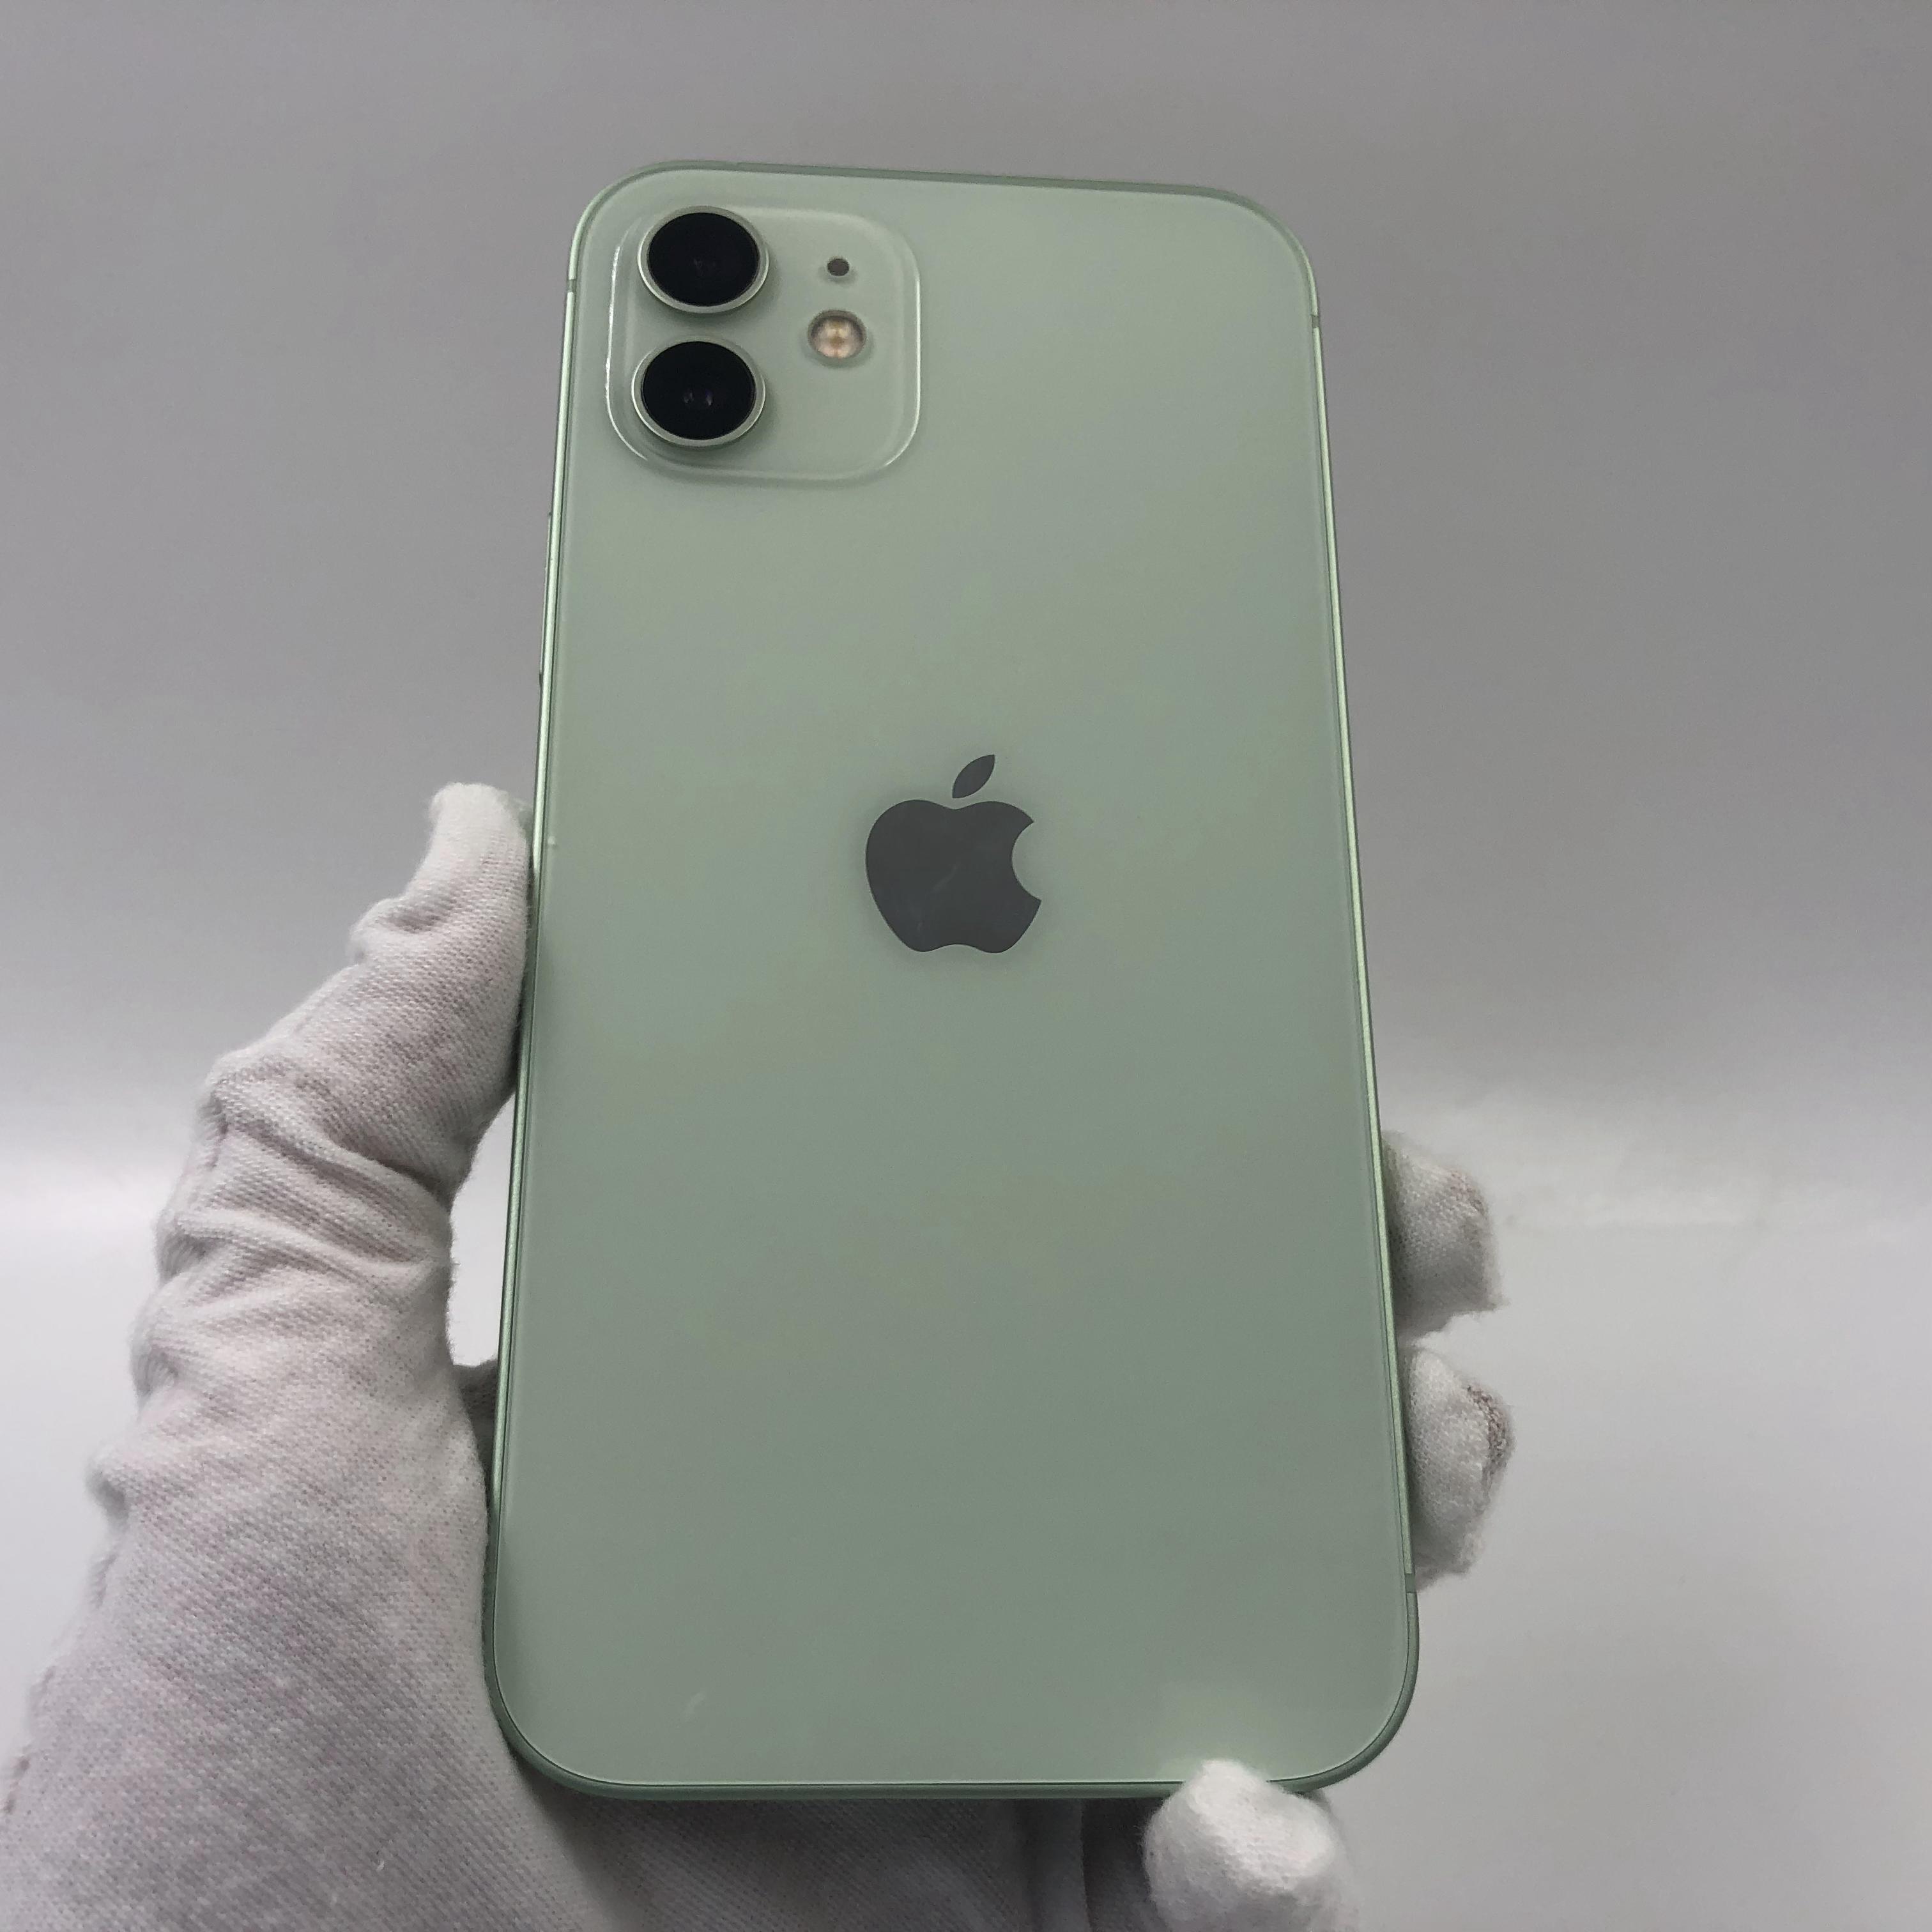 苹果【iPhone 12】5G全网通 绿色 128G 国行 95新 真机实拍官保2021-10-30